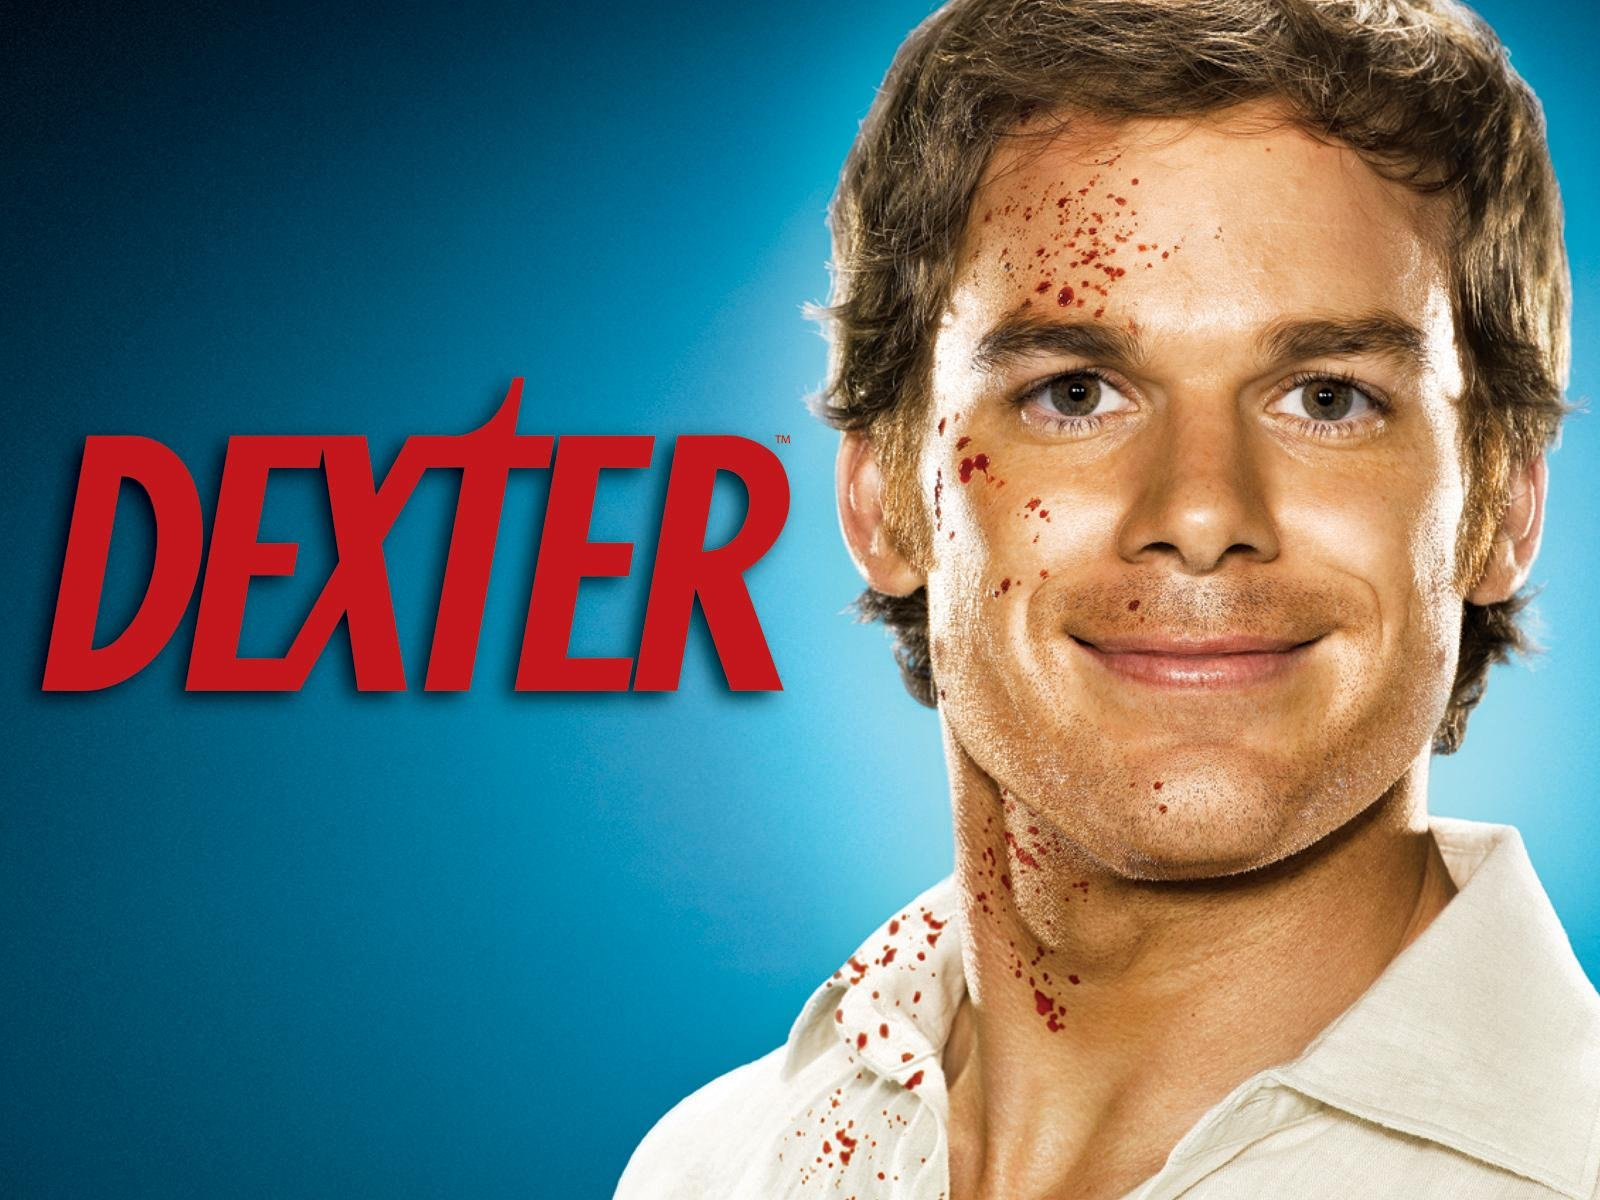 dexter season 2 episode 1 watch online free